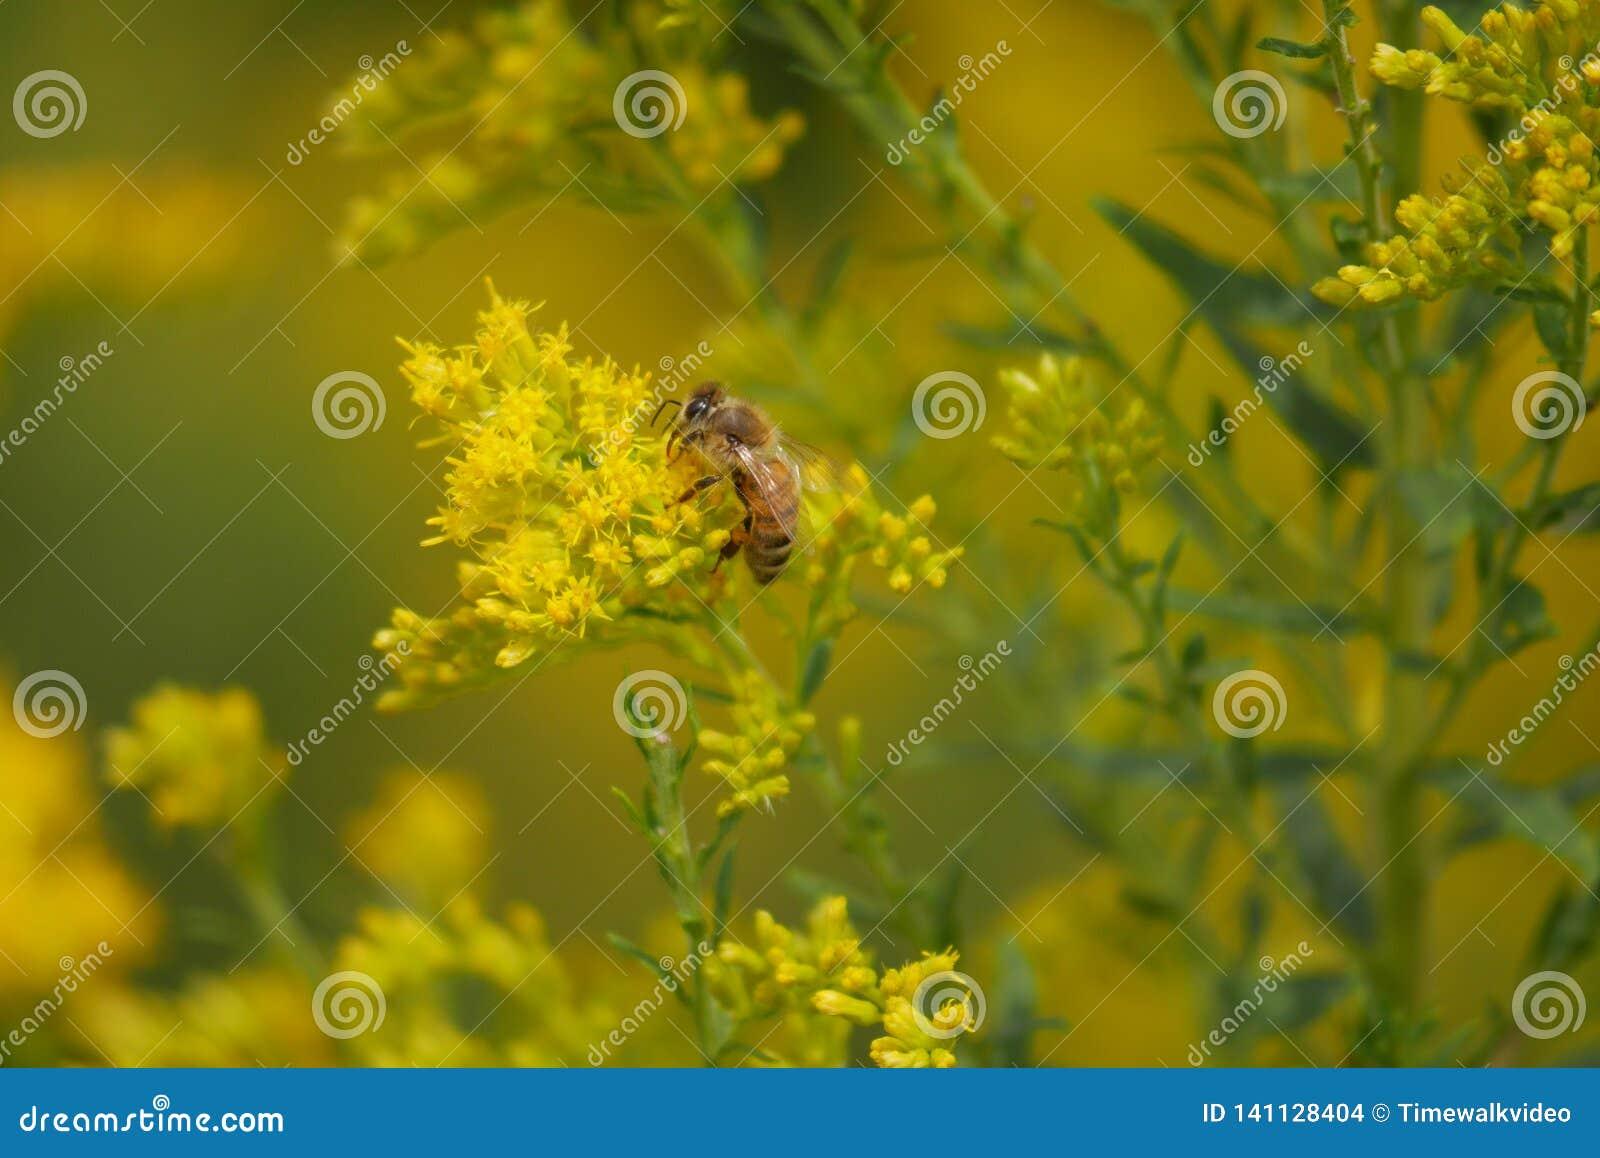 Honey Bee Searches voor Stuifmeel op Gele Bloemen